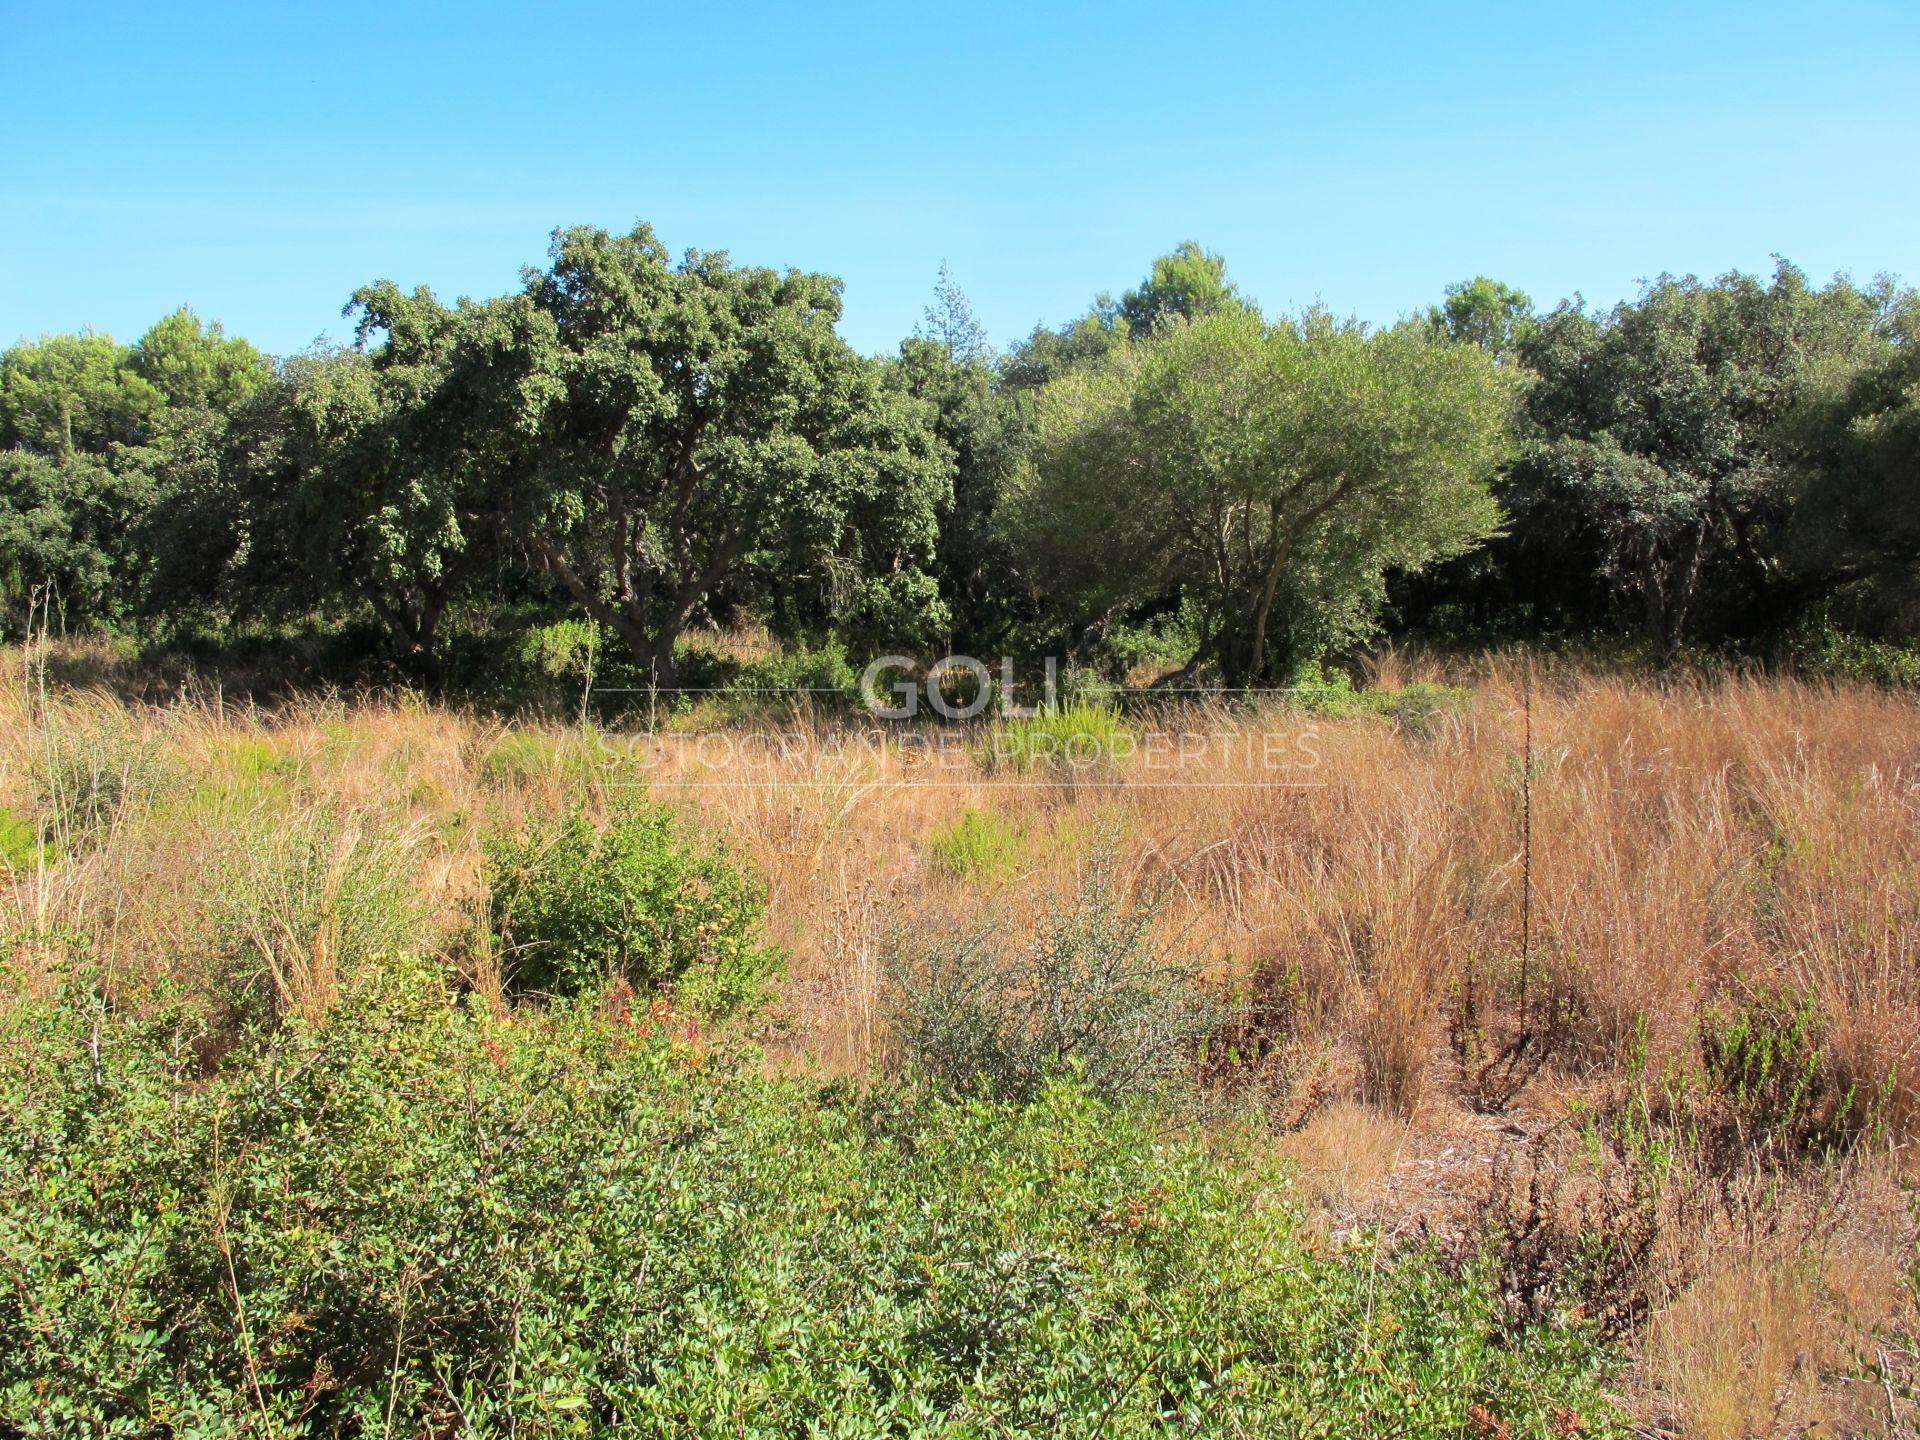 Plots for sale in Los Altos de Valderrama